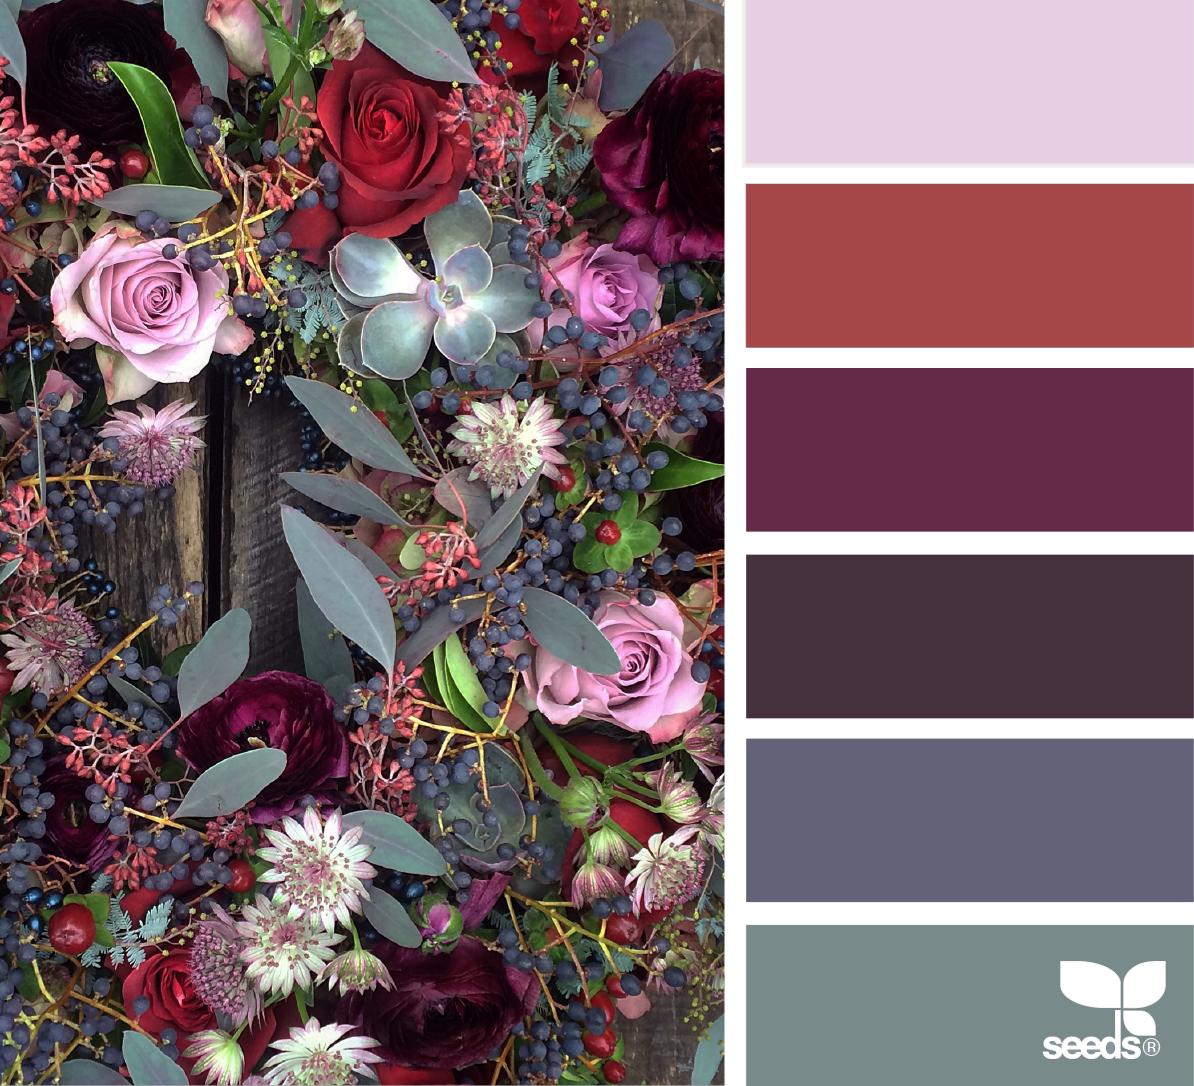 Картинки с подборкой цветов